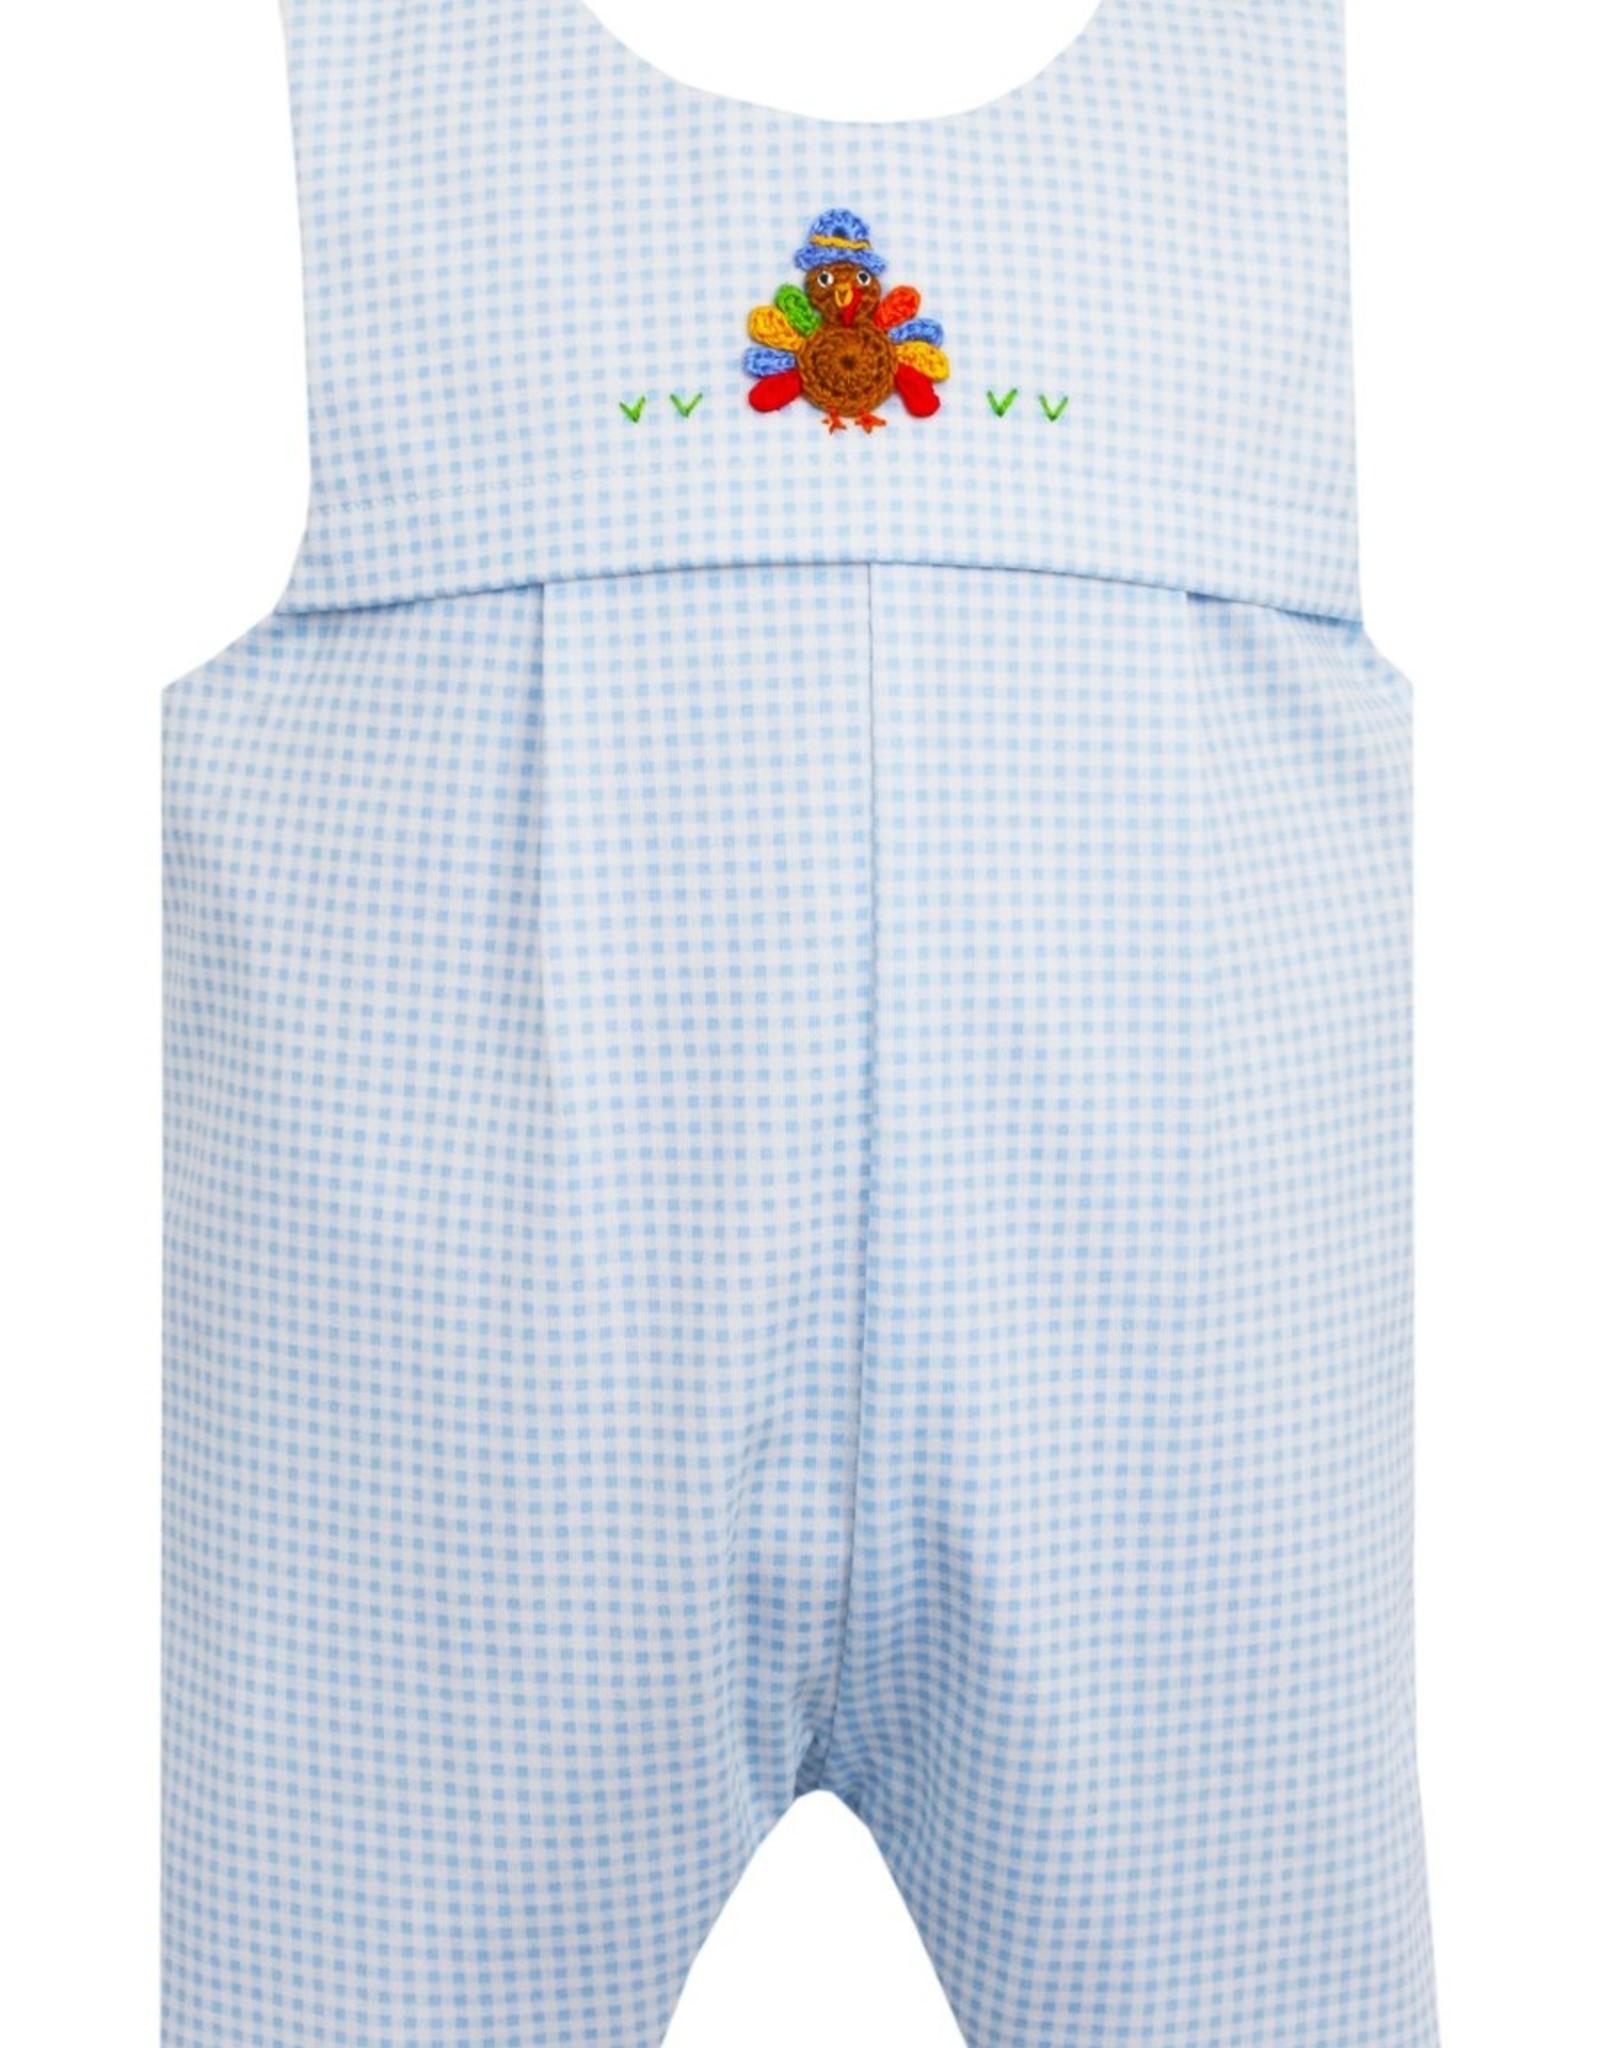 Petit Bebe Lt Blue Mini Check Turkey Knit Jon Jon